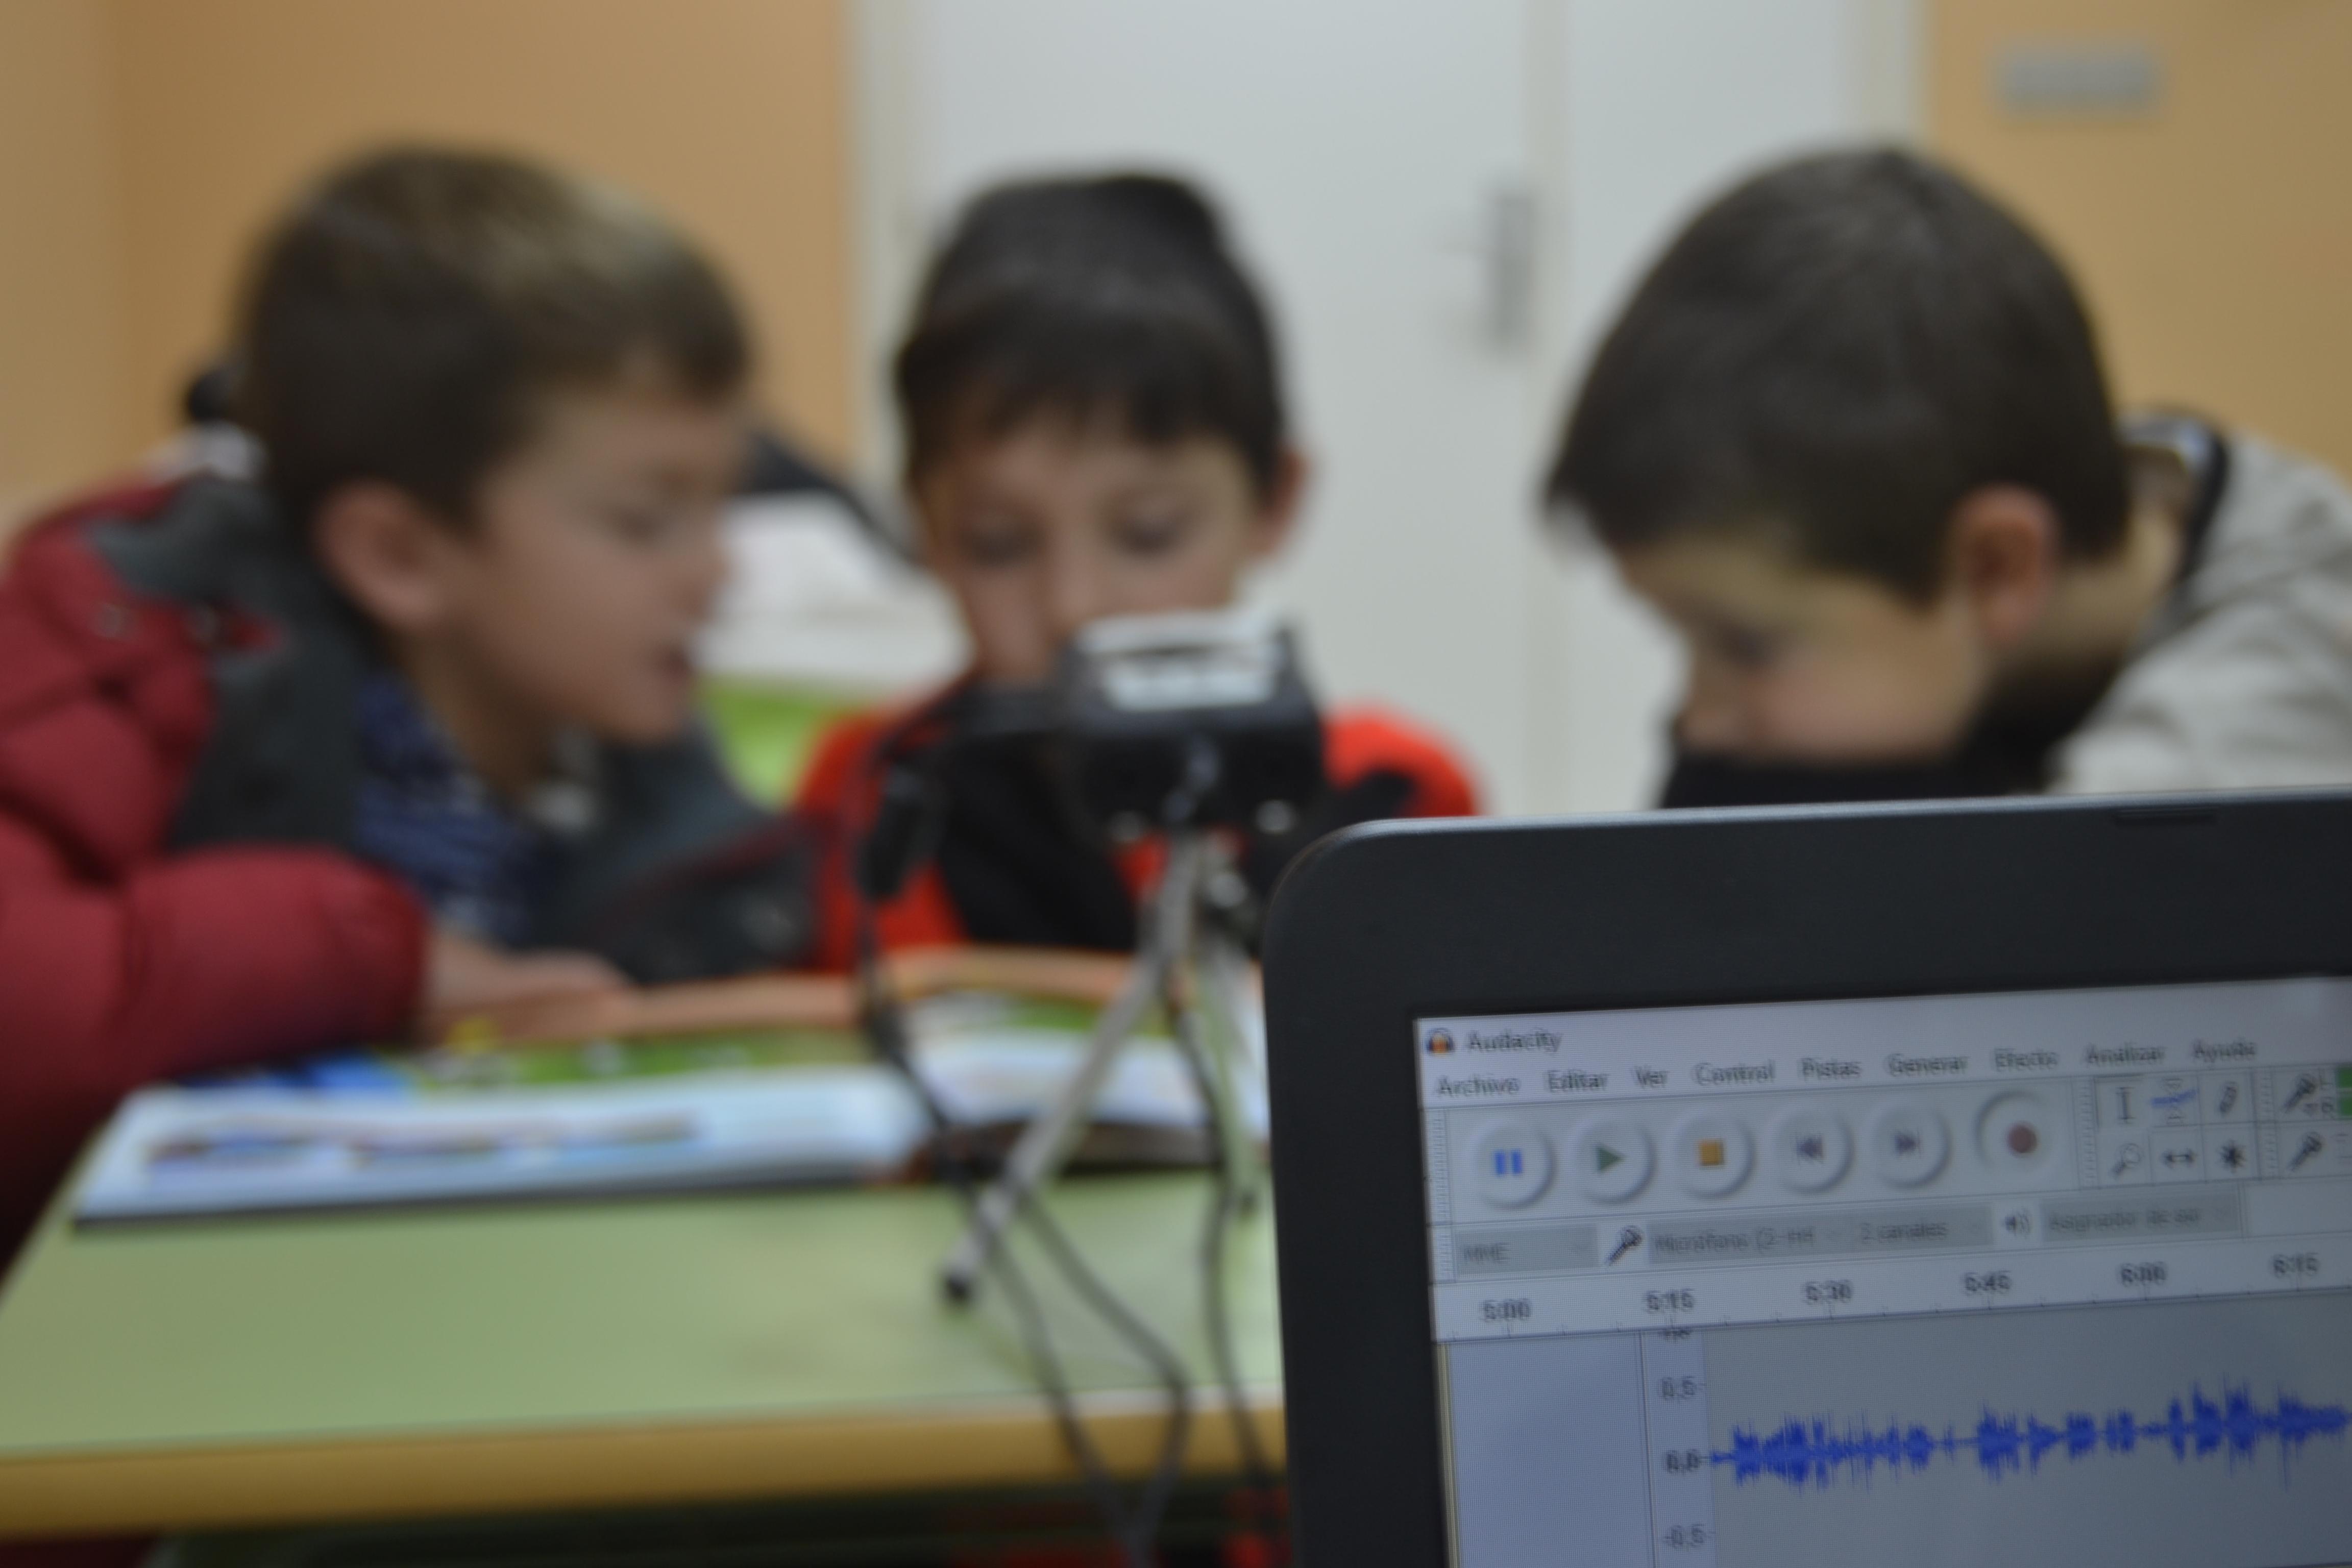 Talleres de radio para niños